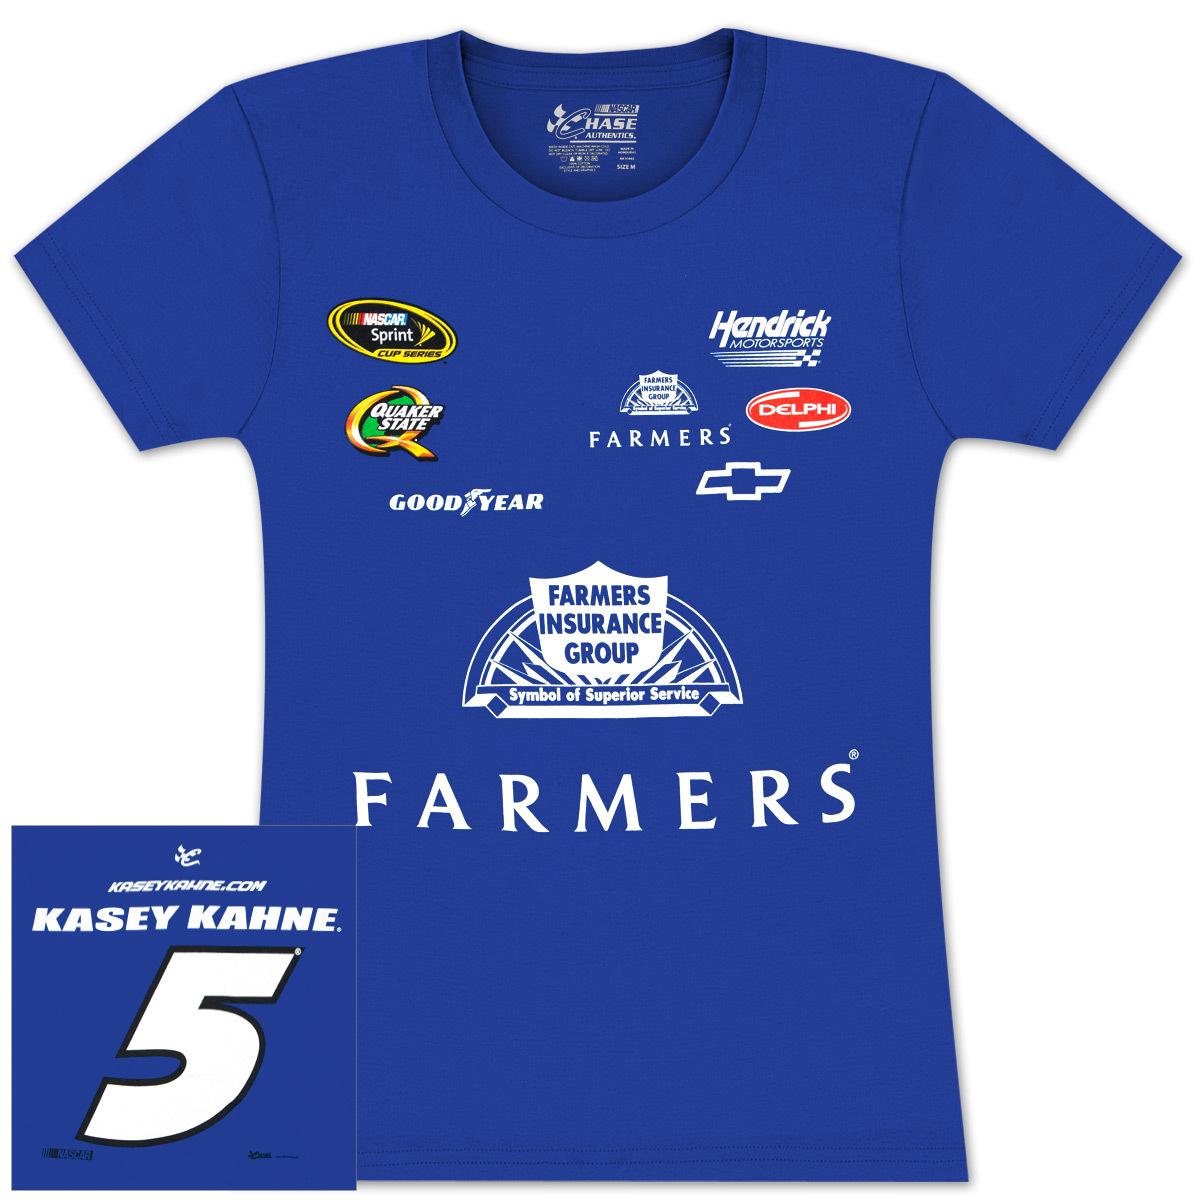 Kasey Kahne Farmers Ladies Uniform T-shirt